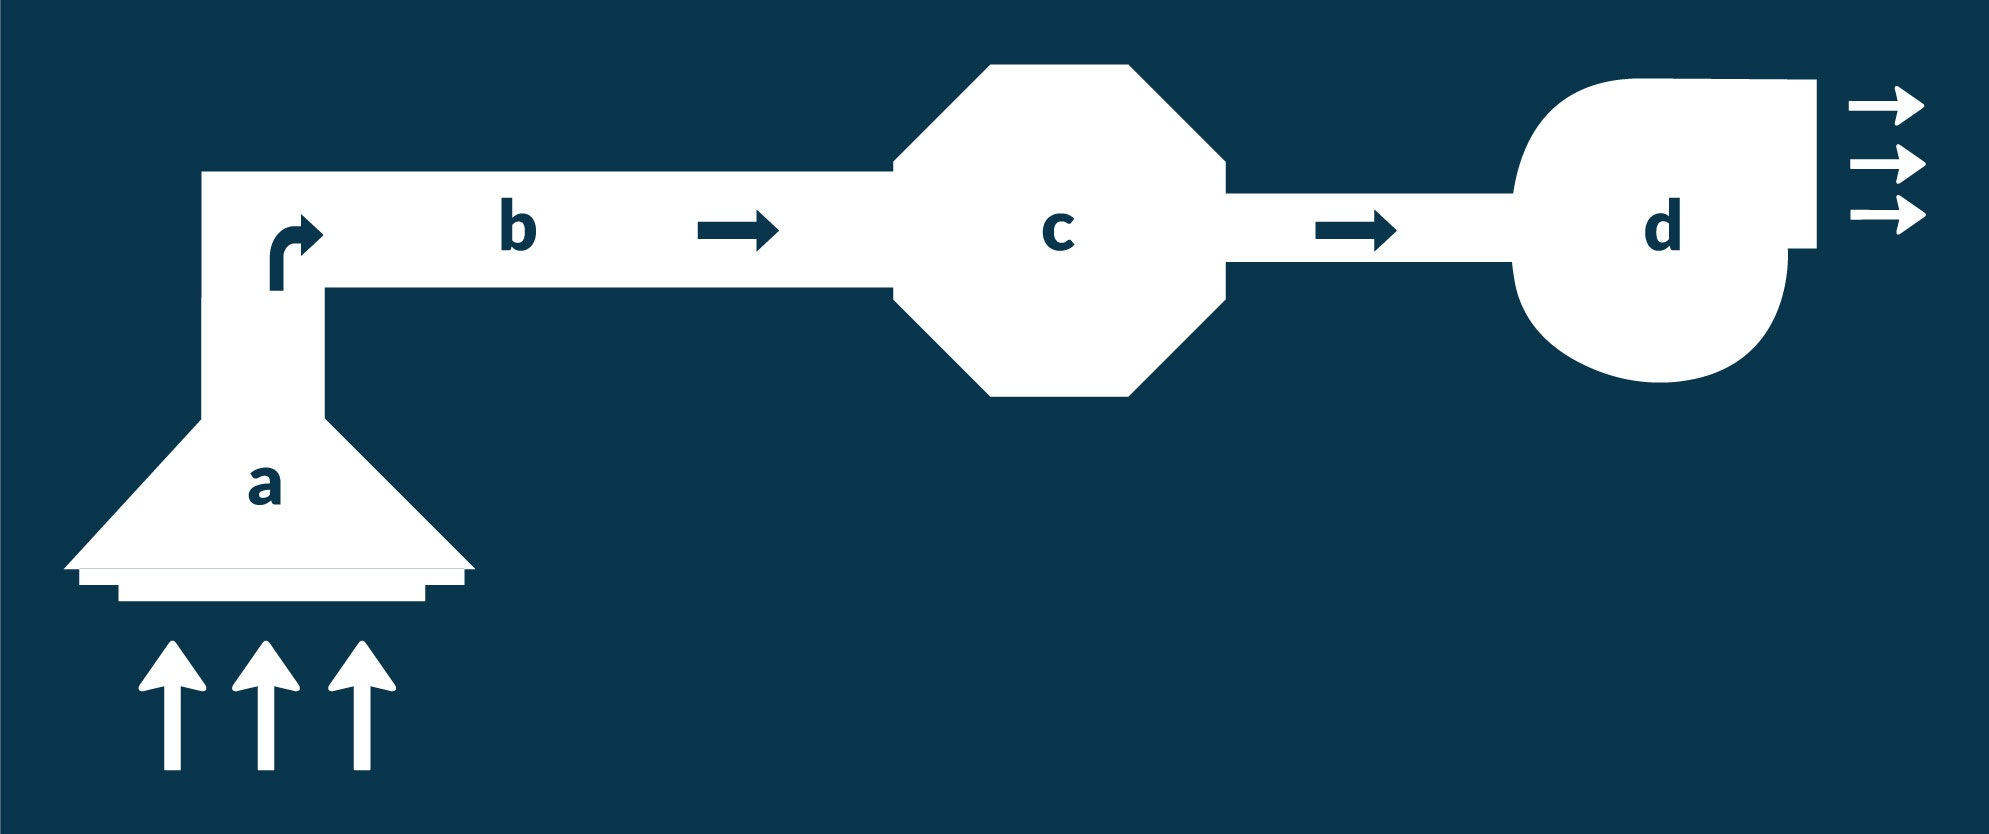 diagrama de extracción localizada